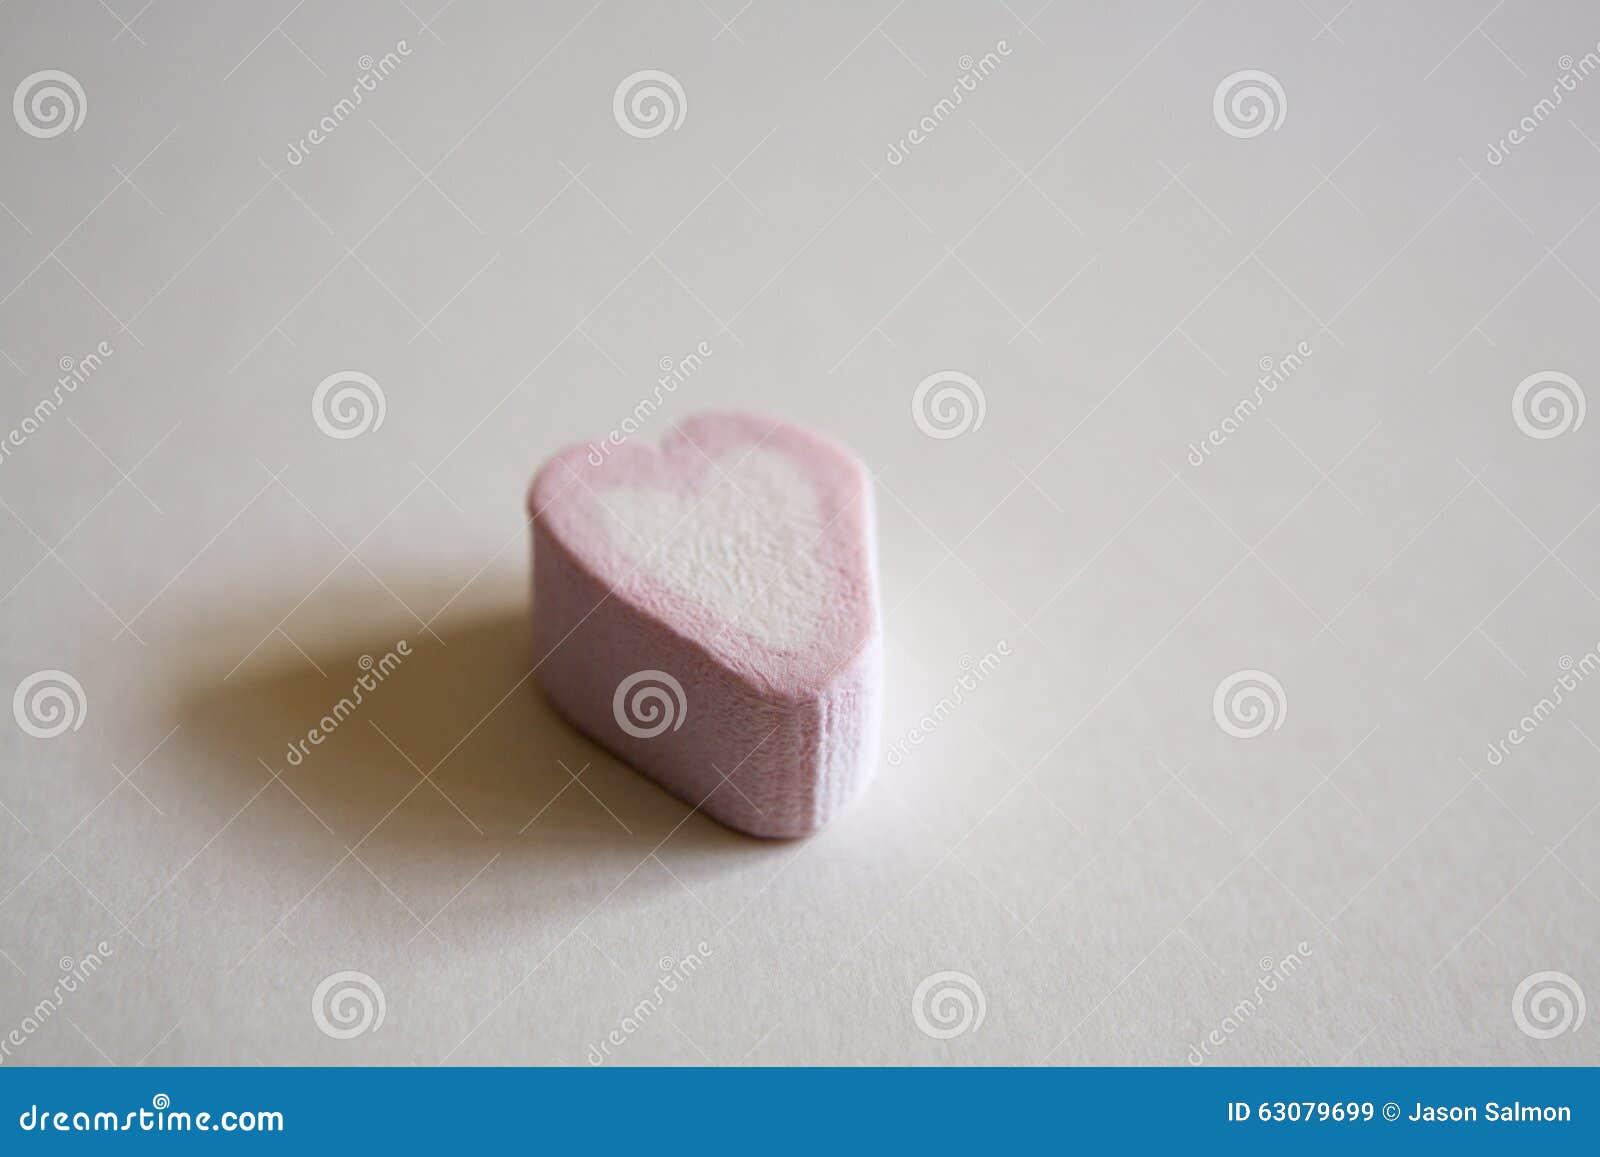 Download Bonbon à Coeur D'amour De Guimauve Image stock - Image du amour, sucrerie: 63079699